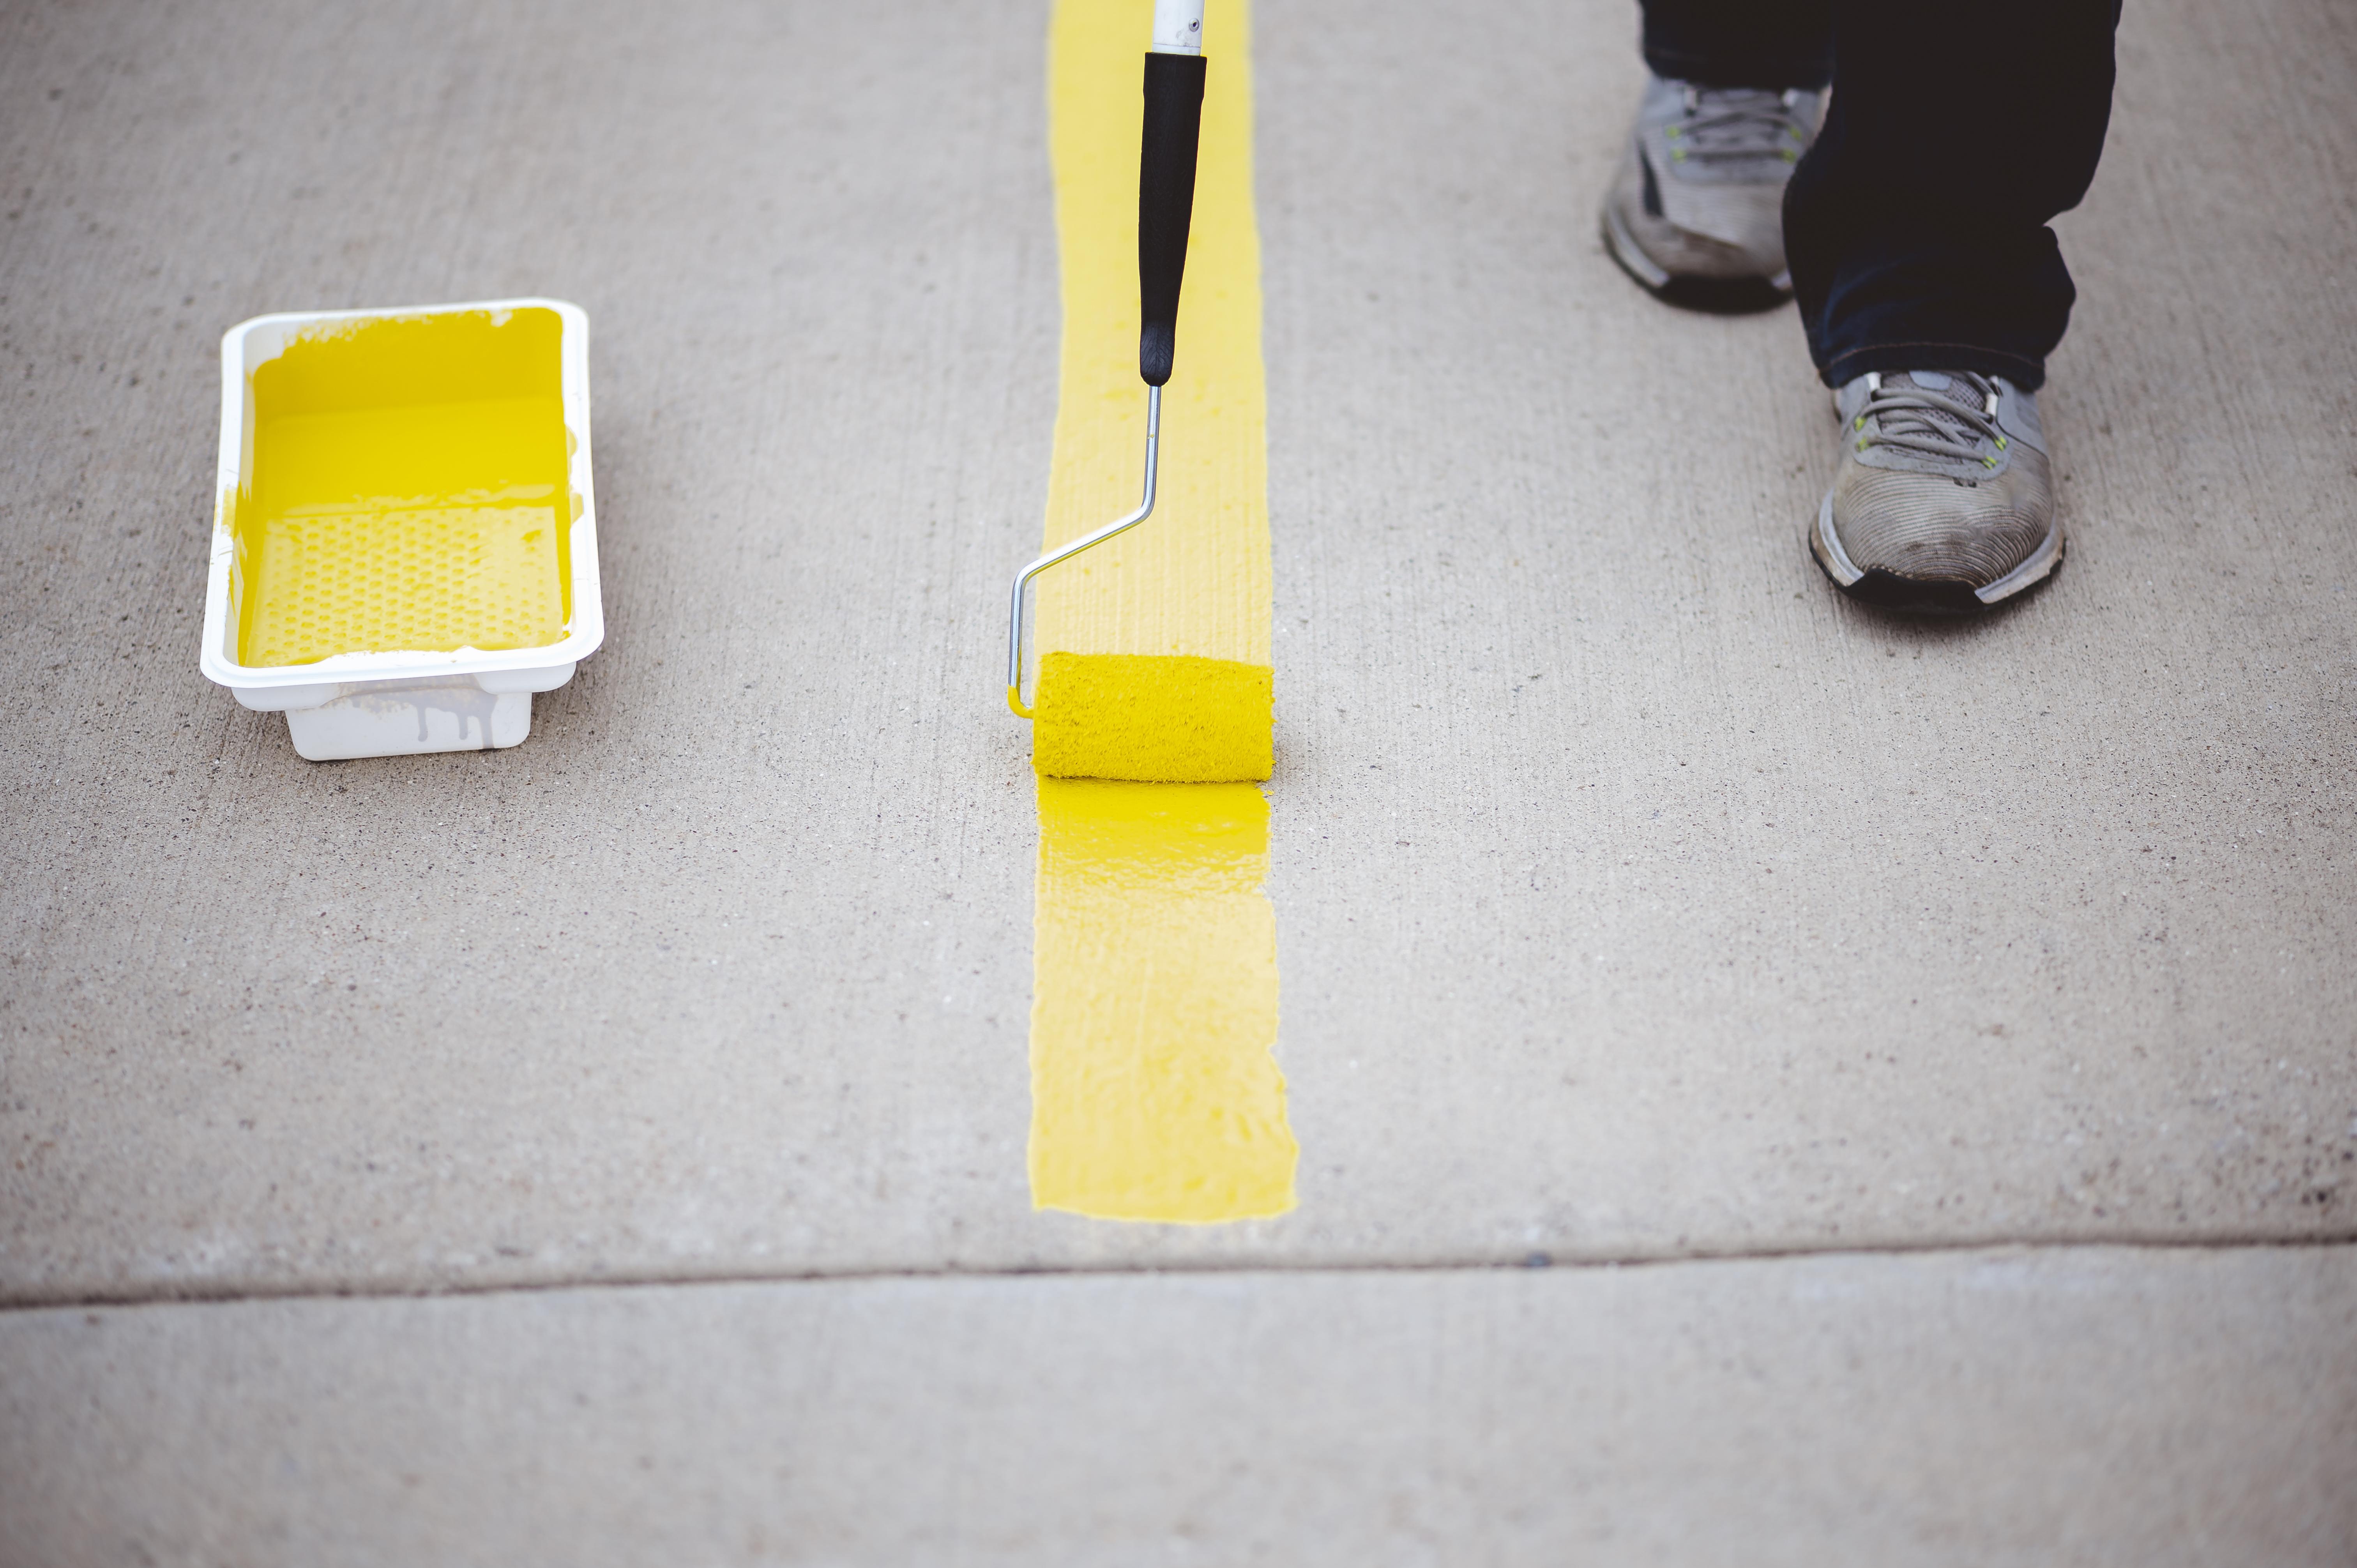 Faça você mesmo: pintura de pisos ou revestimentos é uma boa e prática solução para renovar o chão ou as paredes da casa